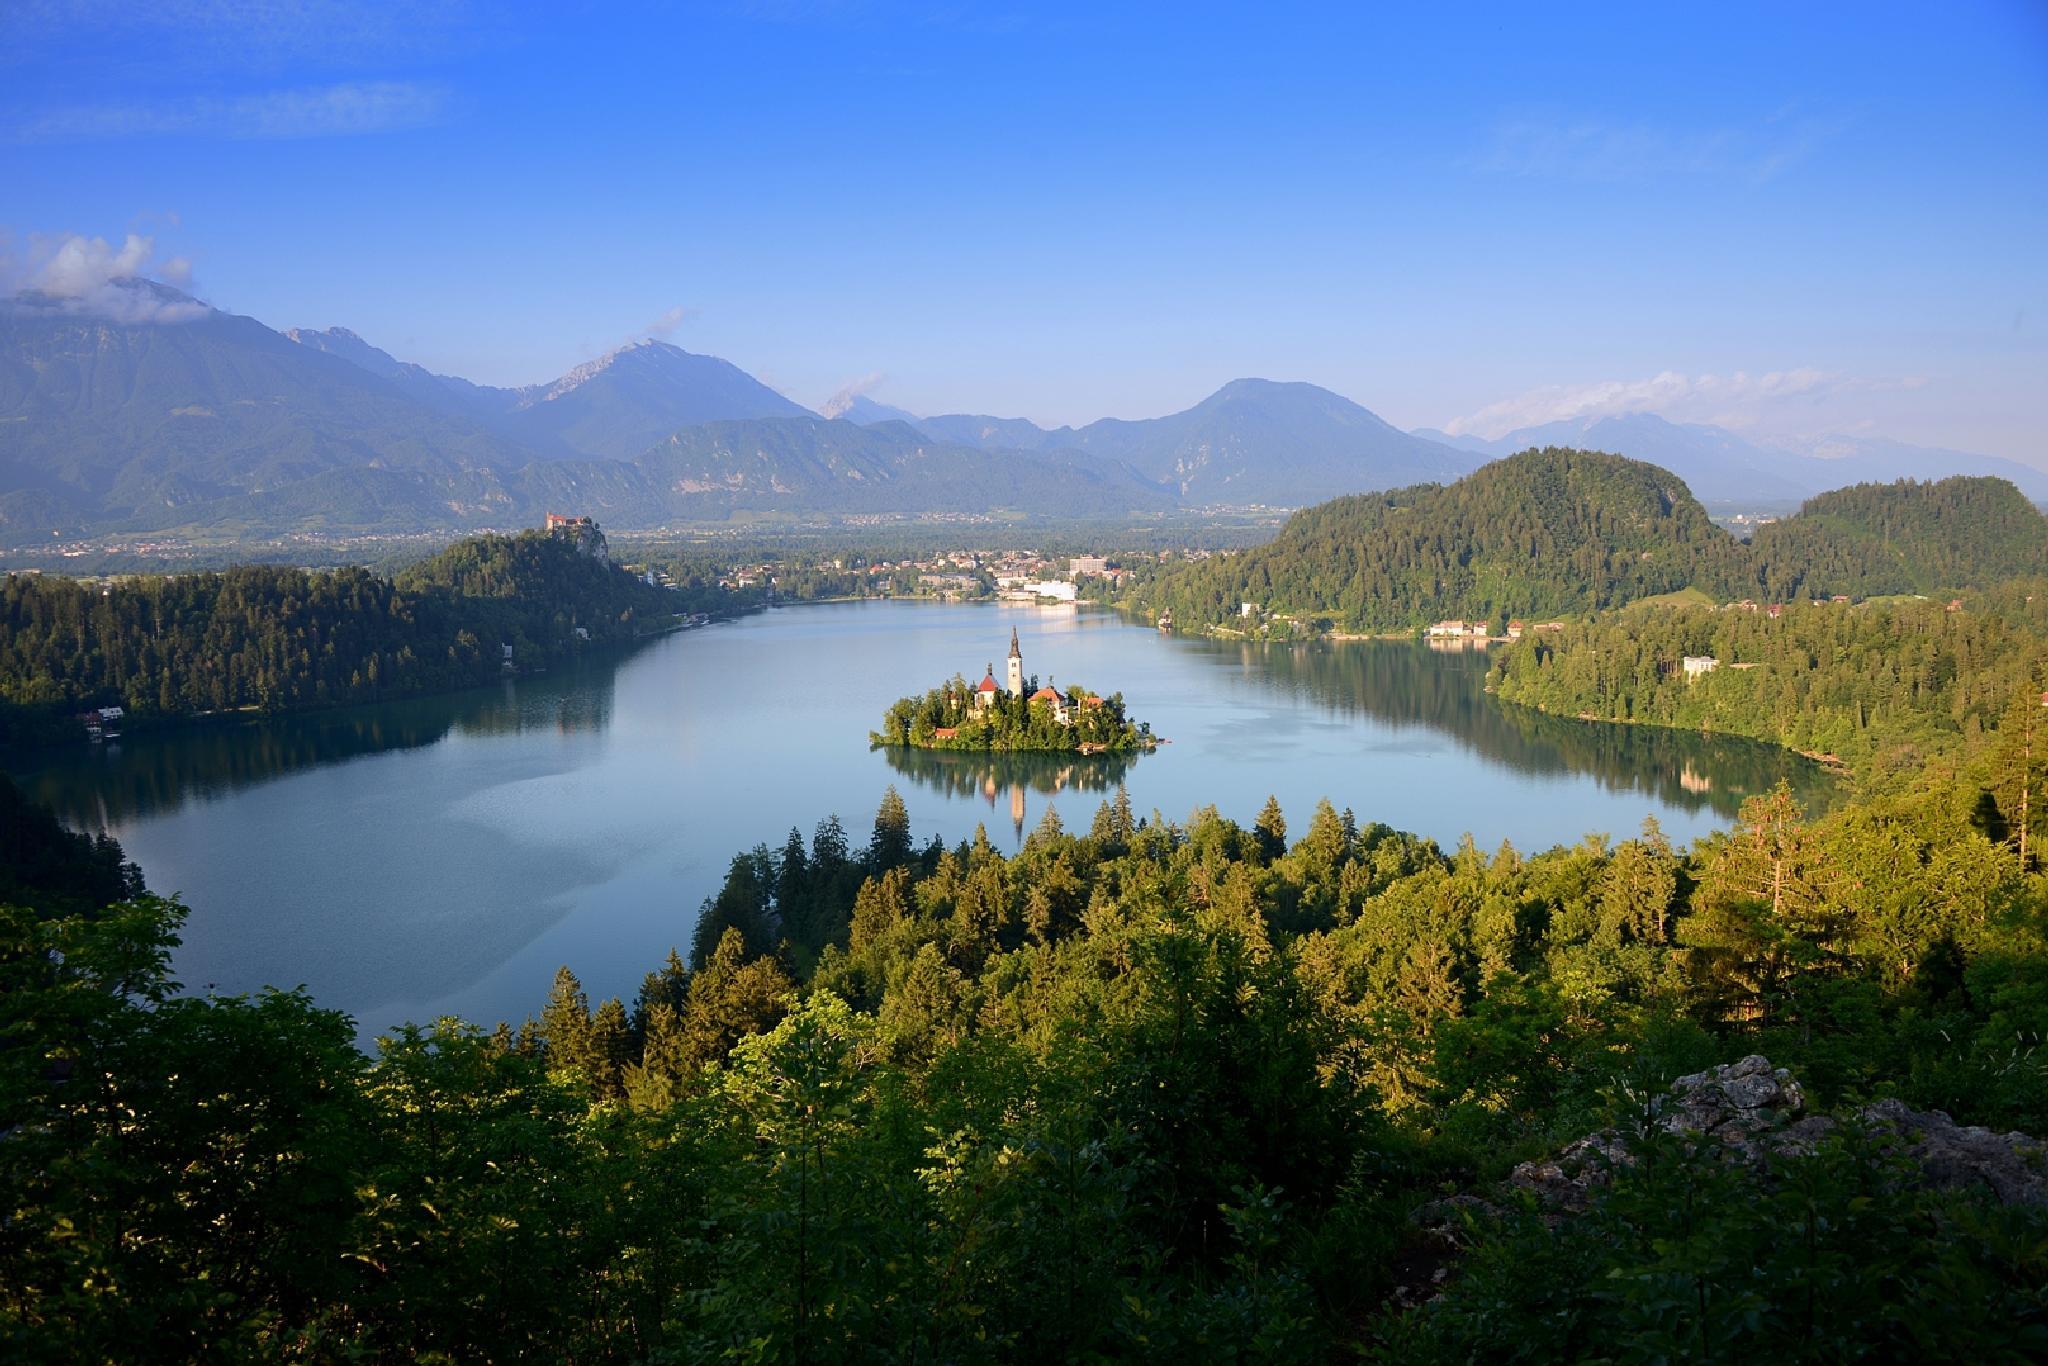 Lake Bled (Slovenia). by Jean-Michel Pouy - Fun Altitude